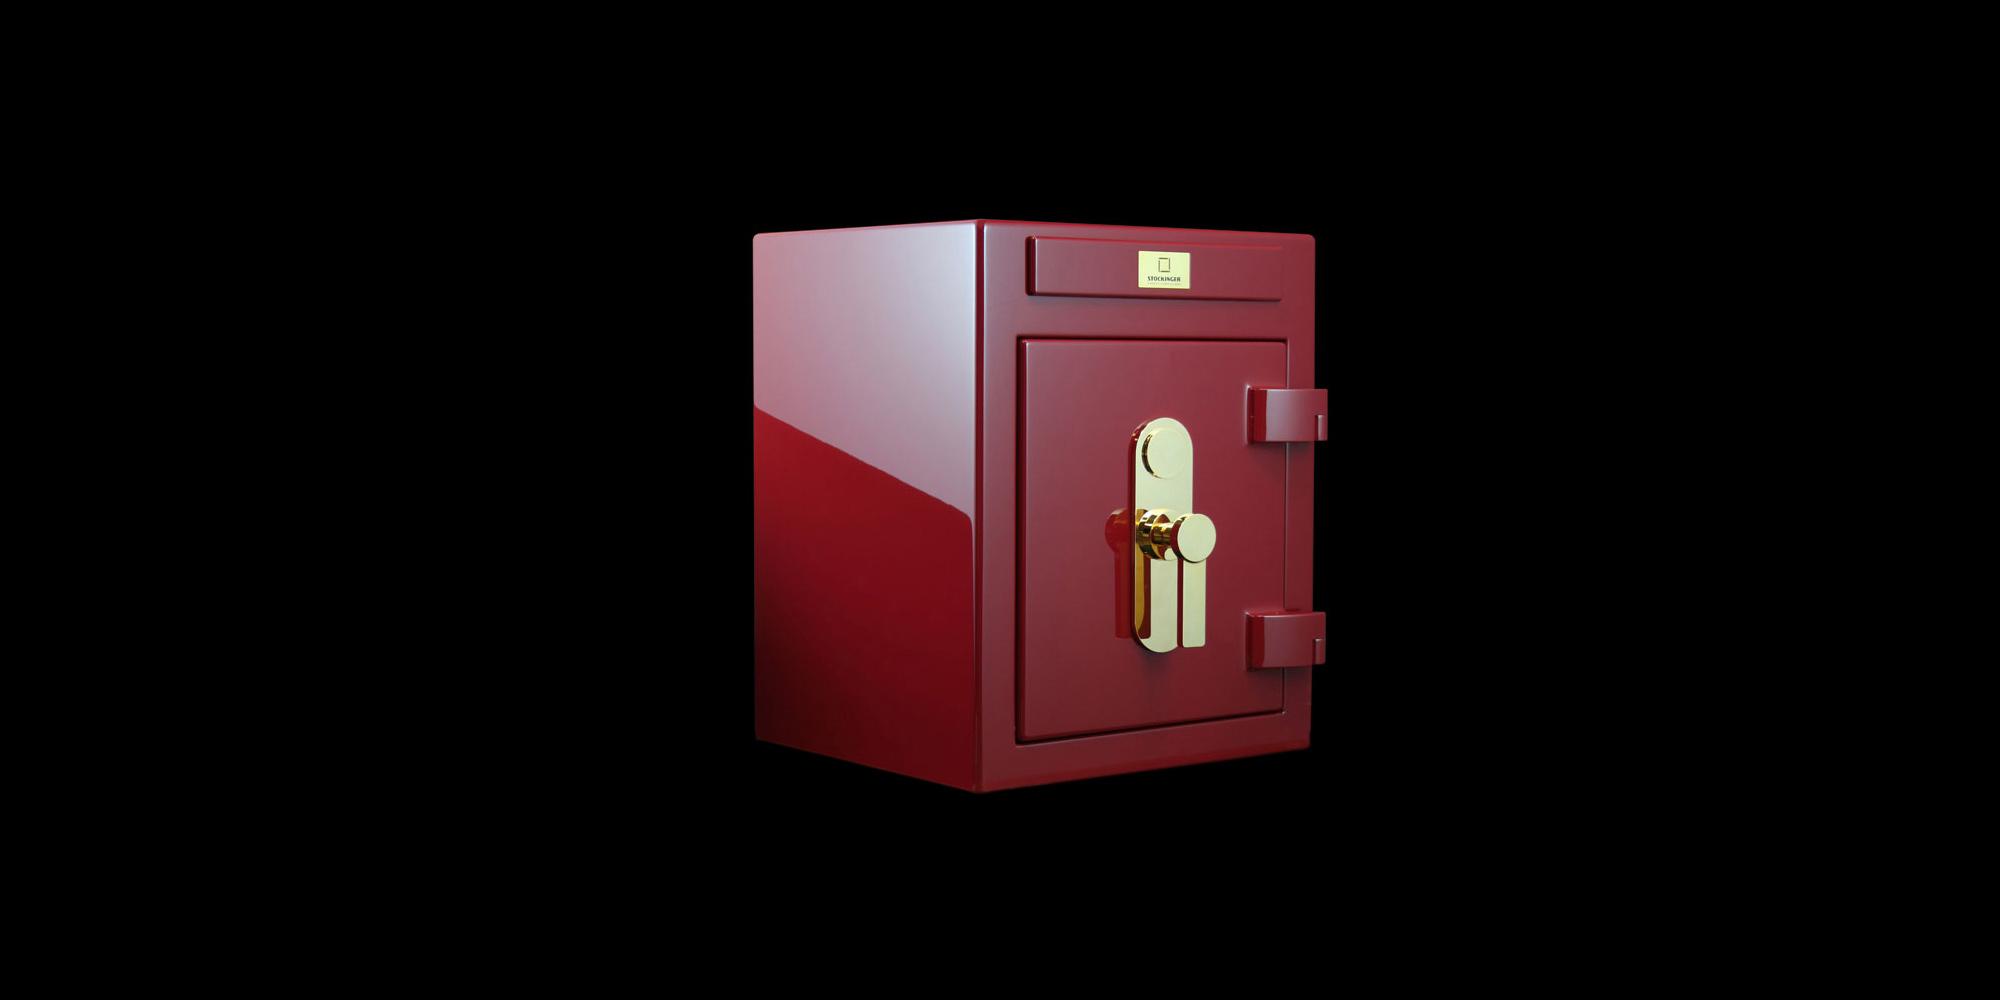 Cube 6V Взломостойкий сейф с ящичками для статического хранения часов и драгоценностей.